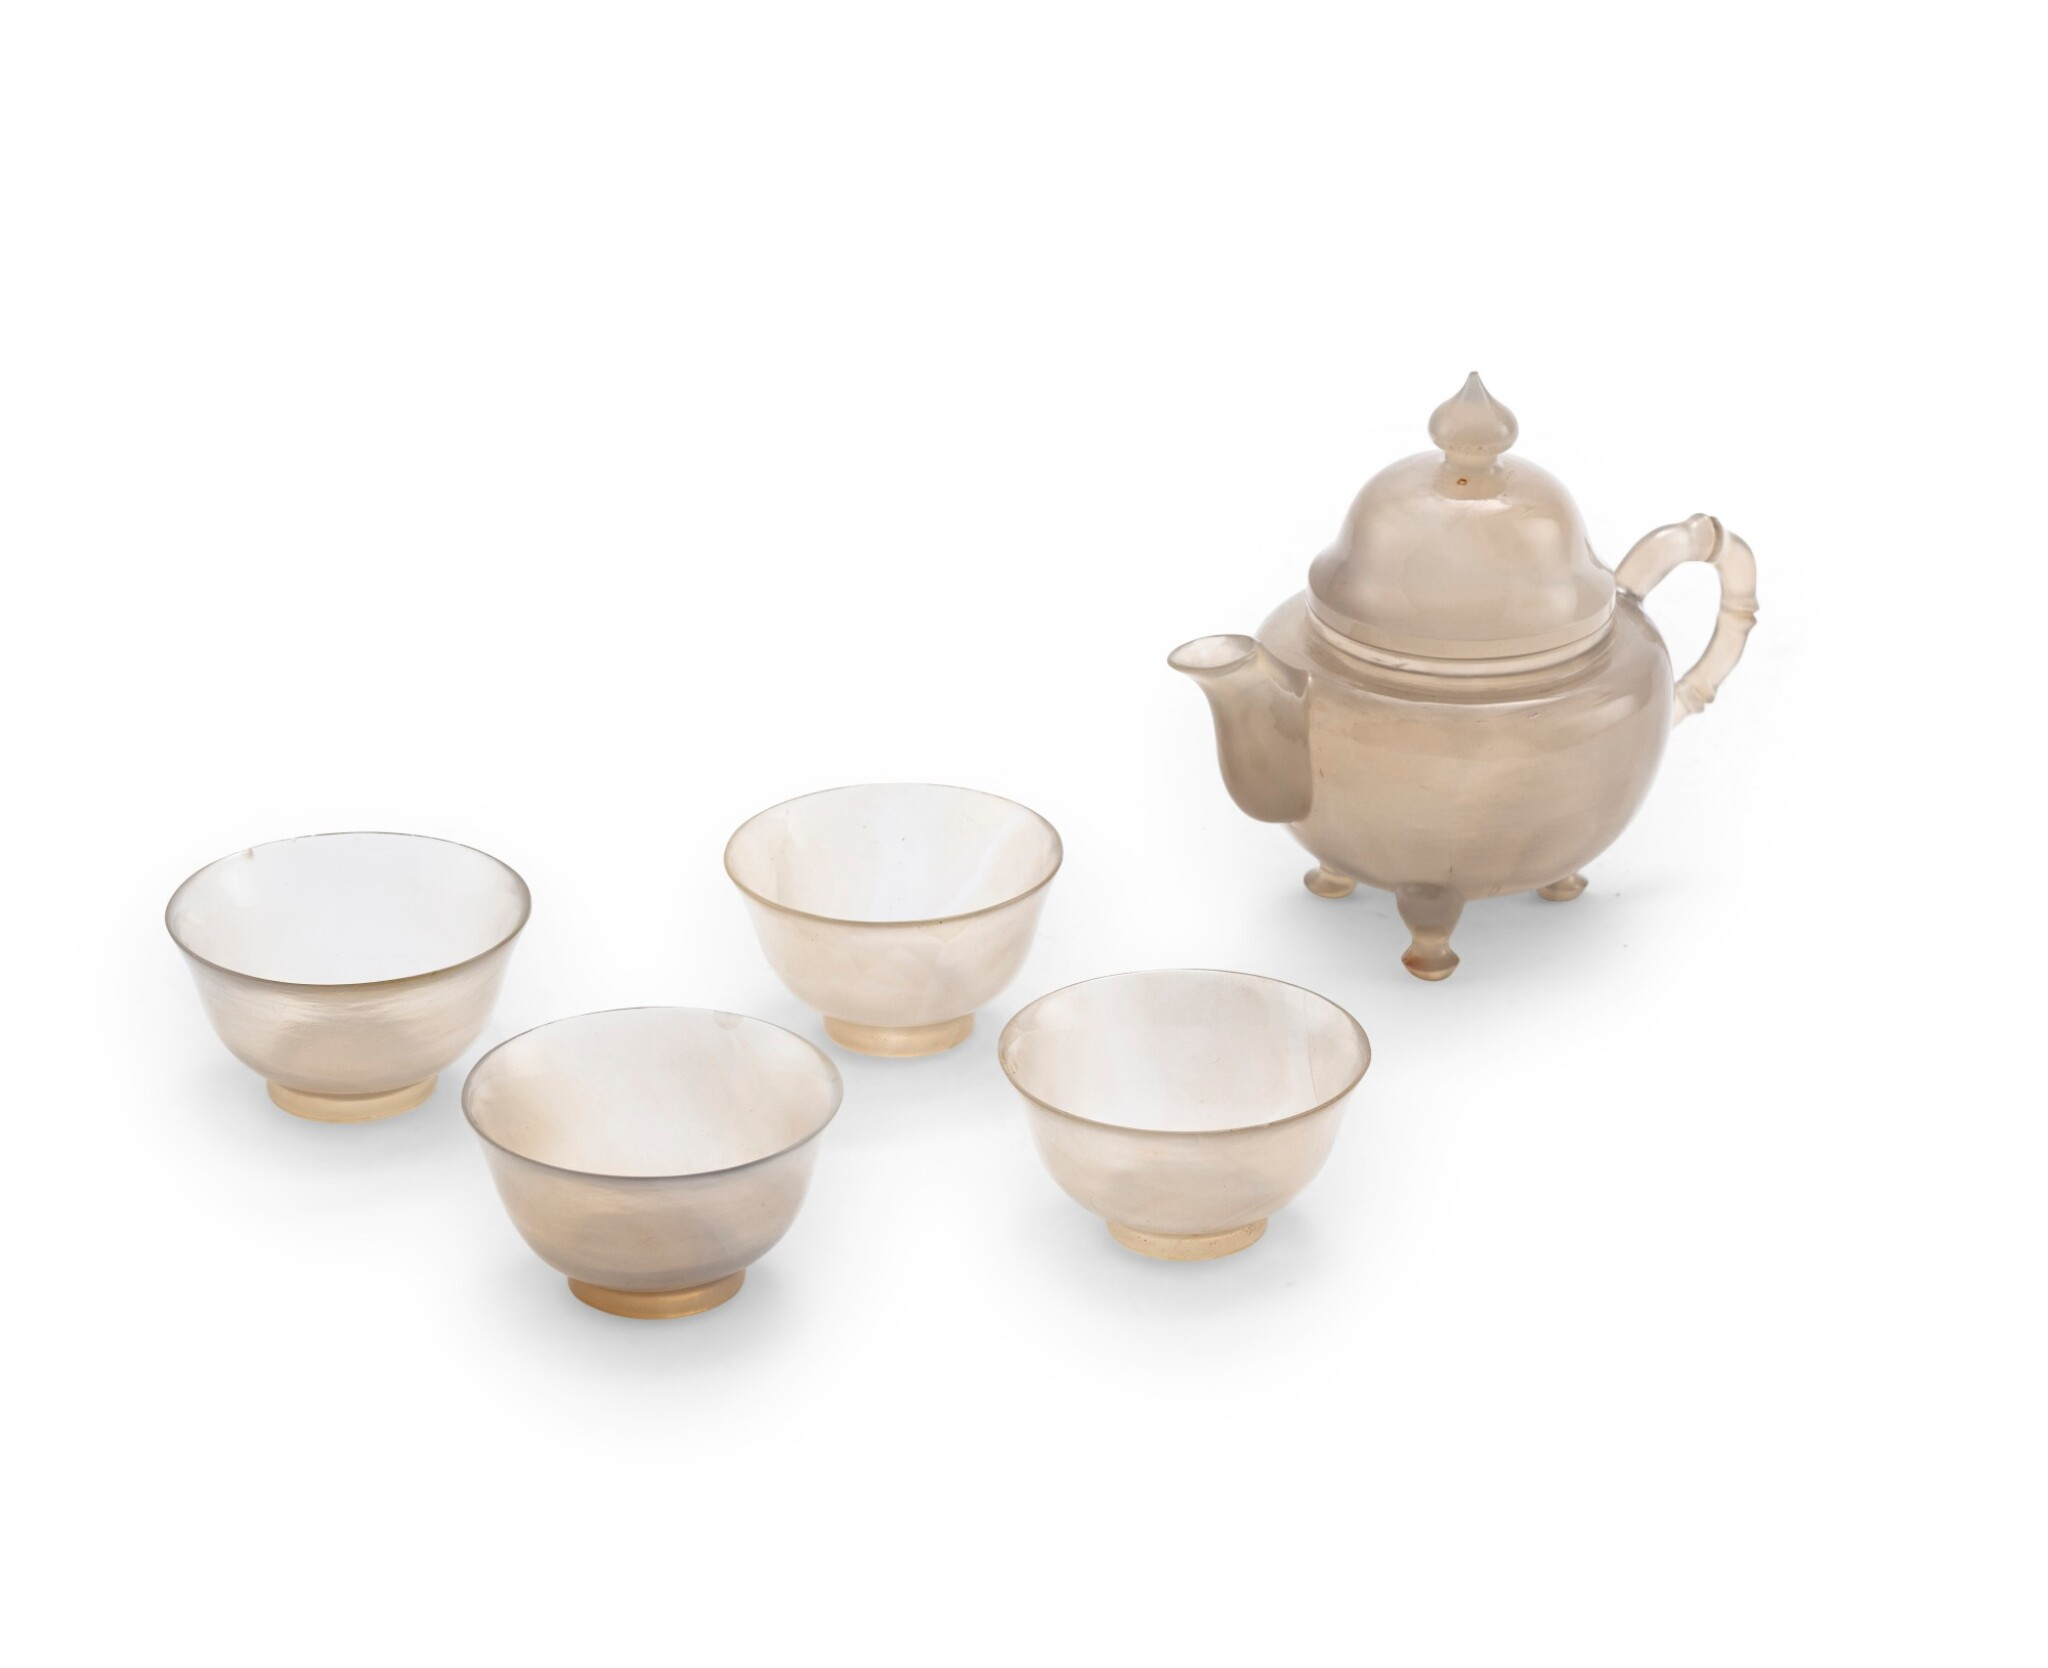 View 1 of Lot 115. Petite théière couverte et quatre petites coupelles en agate Fin de la dynastie Qing   清晚期 瑪瑙茶壺及盃一套五件   A small agate teapot and four cups, Late Qing Dynasty.